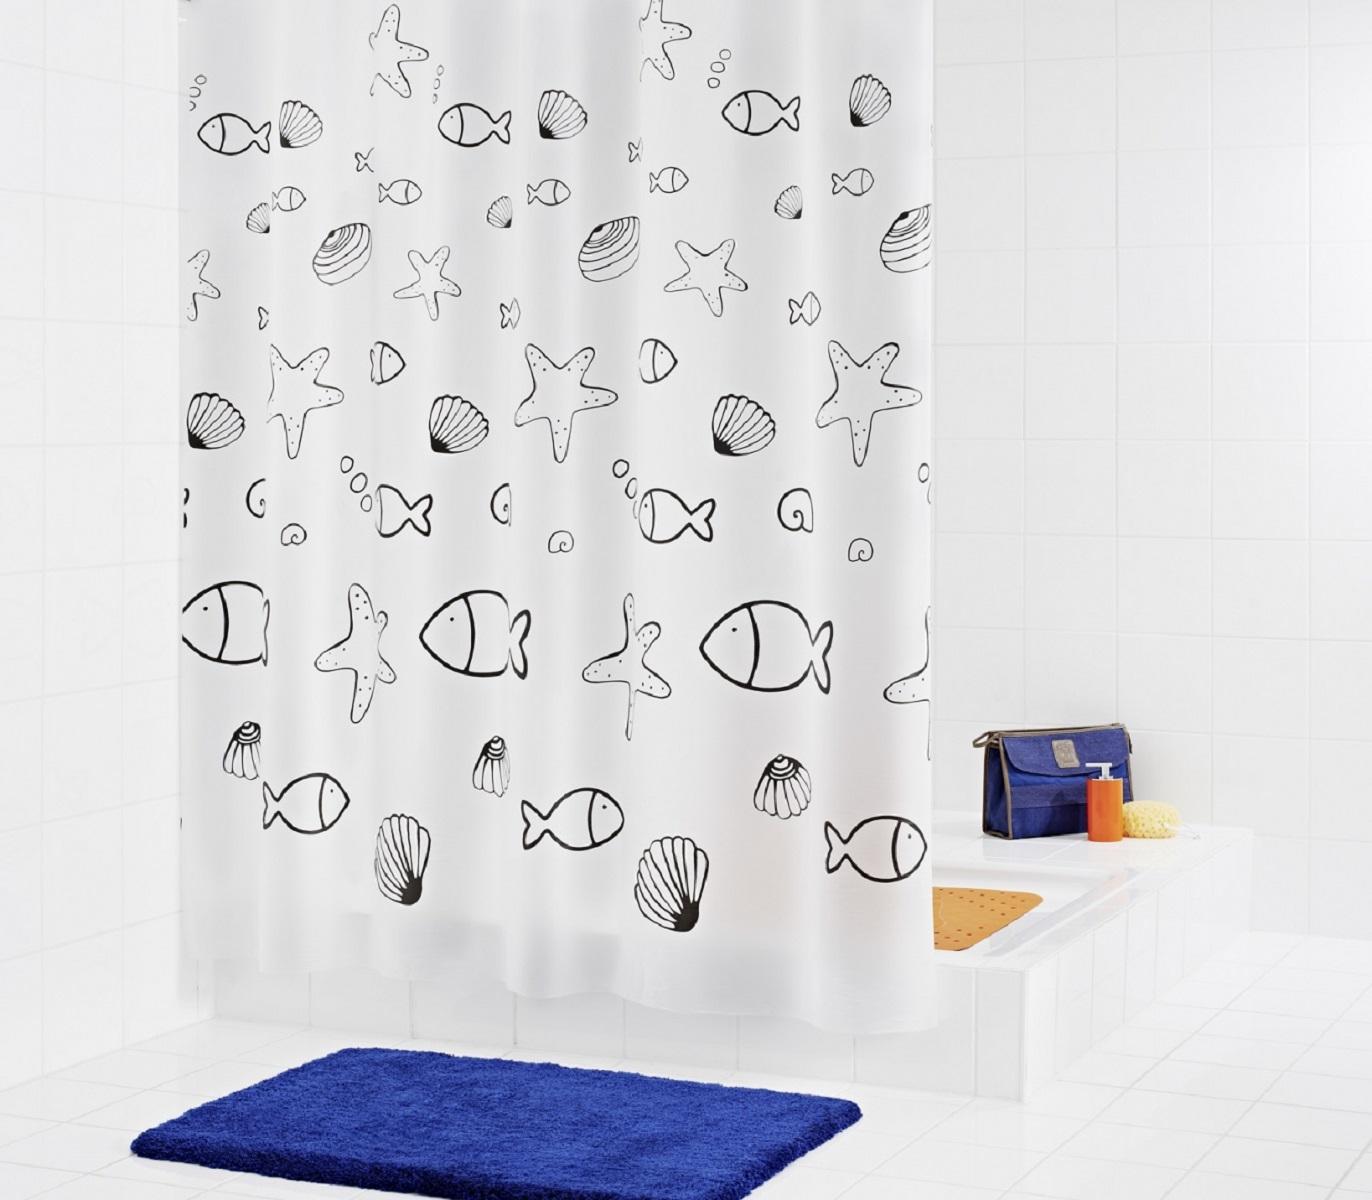 Штора для ванной комнаты Ridder Seashell, 180 х 200 см32630Высококачественная немецкая штора для душа создает прекрасное настроение. Продукты из эколена не имеют запаха и считаются экологически чистыми. Ручная стирка. Не гладить.